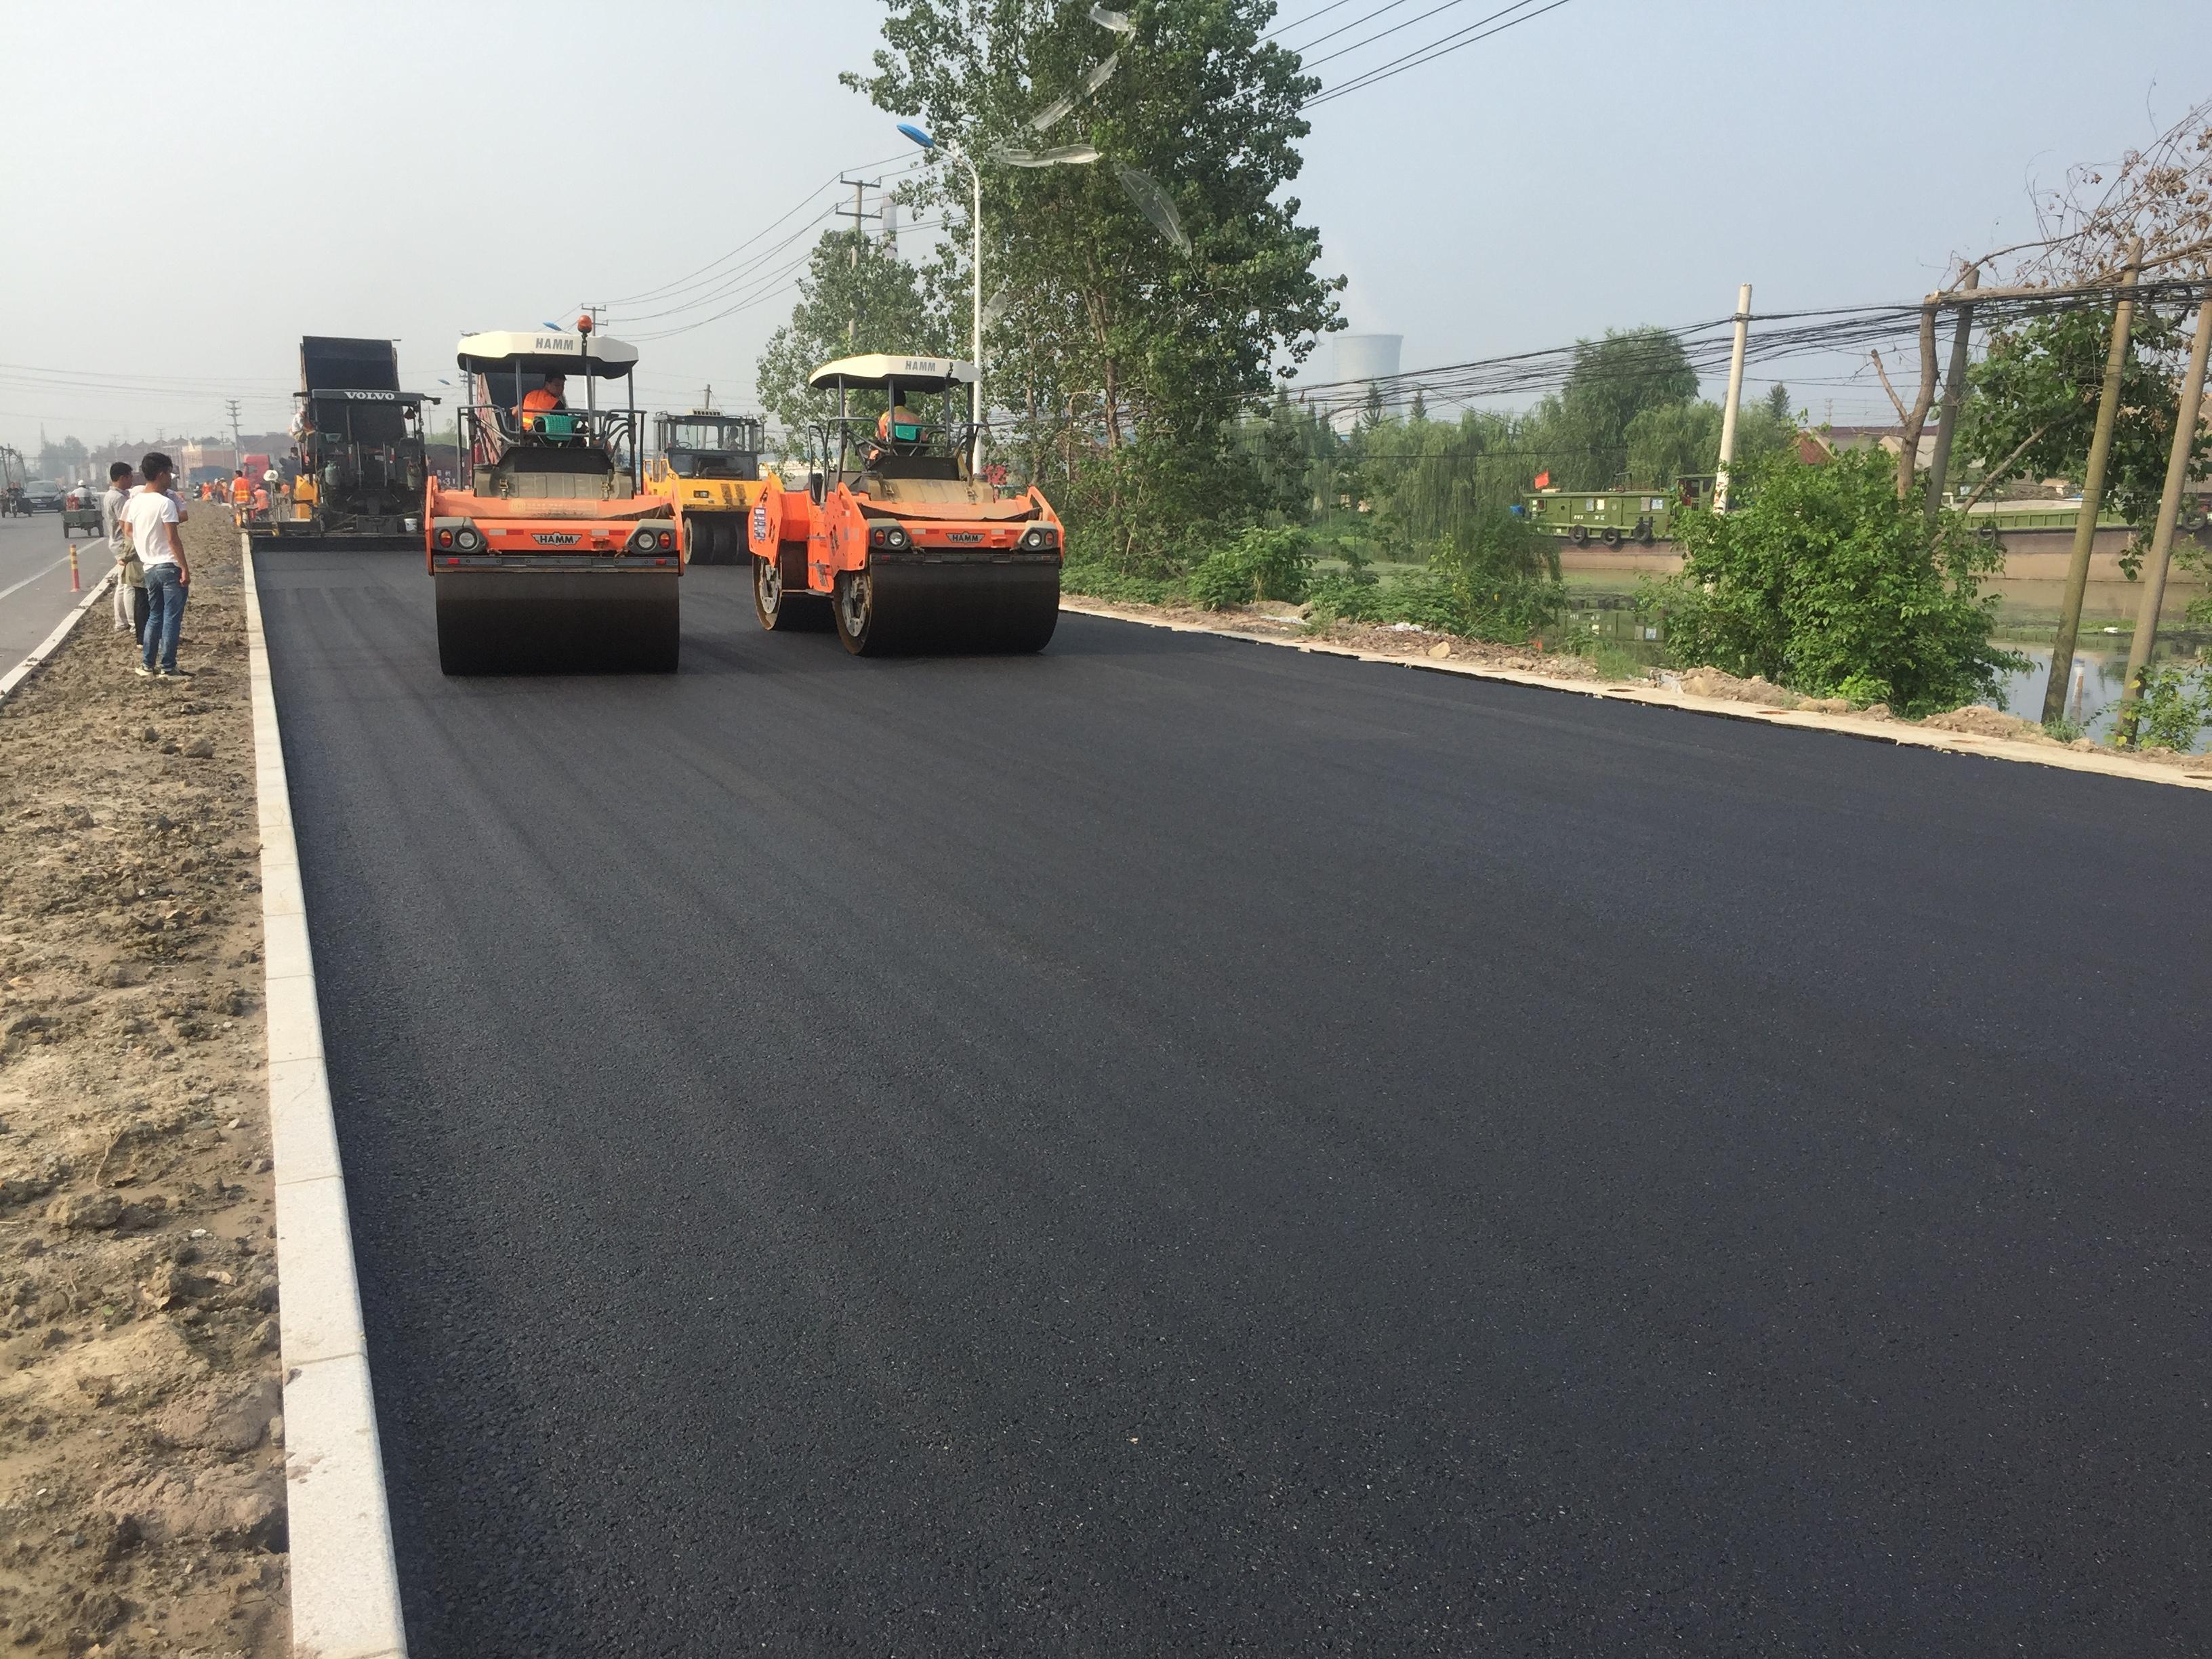 沥青砂价格_沥青混凝土价格 ,沥青混凝土分类,沥青混凝土施工,沥青混凝土 ...